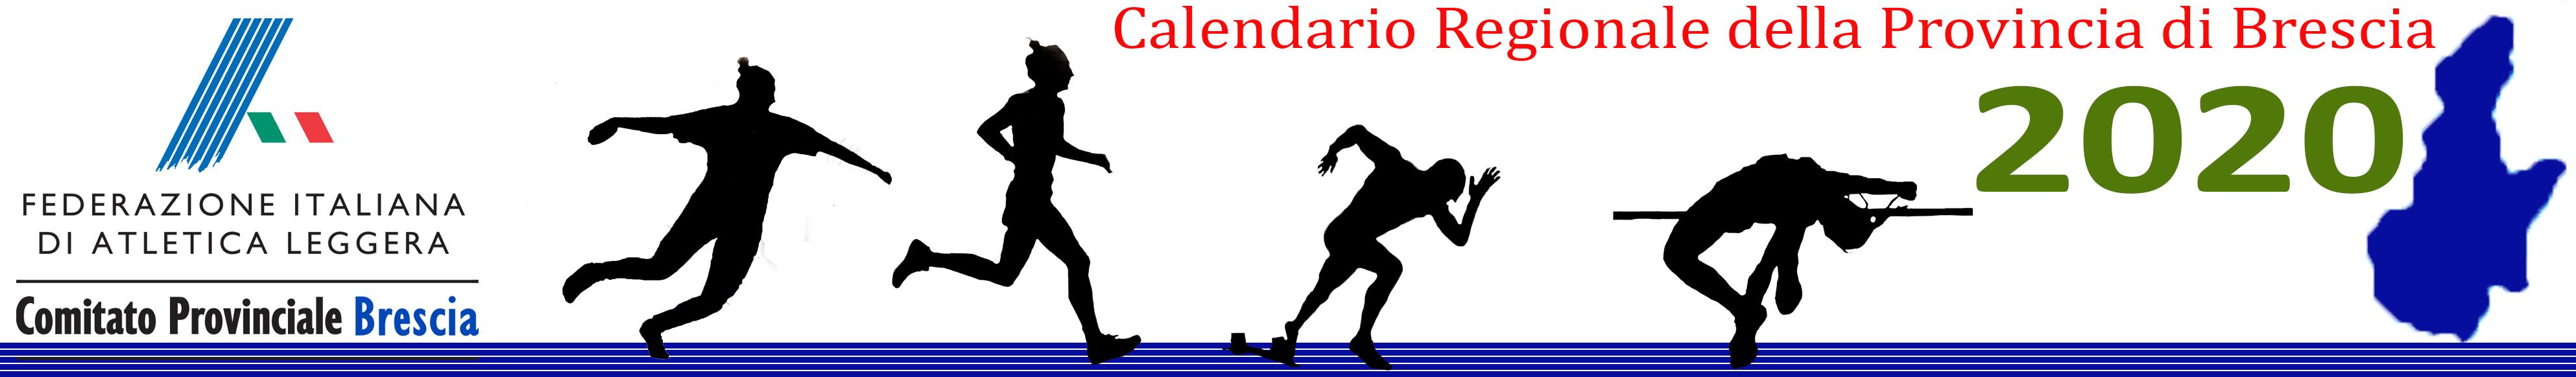 Aggiornato fino al 31.12.2020 rev.06 del 11/10/2020